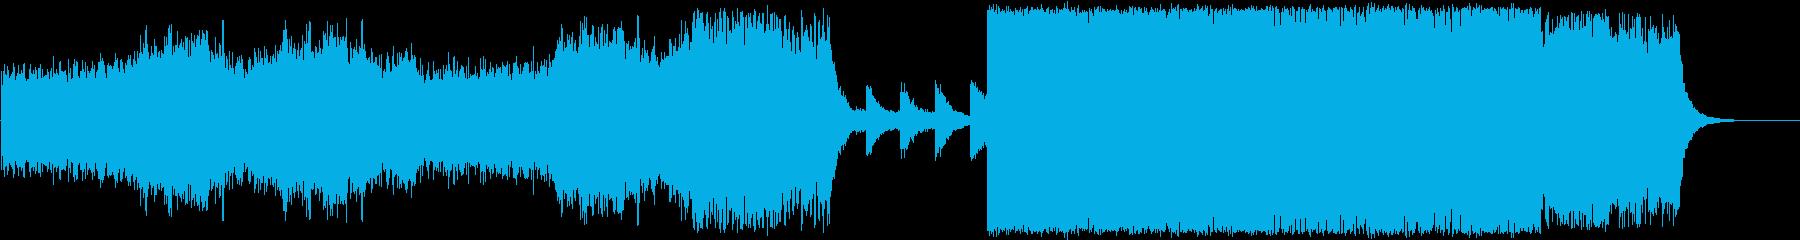 美しいドラムンベース/テクスチャーの再生済みの波形